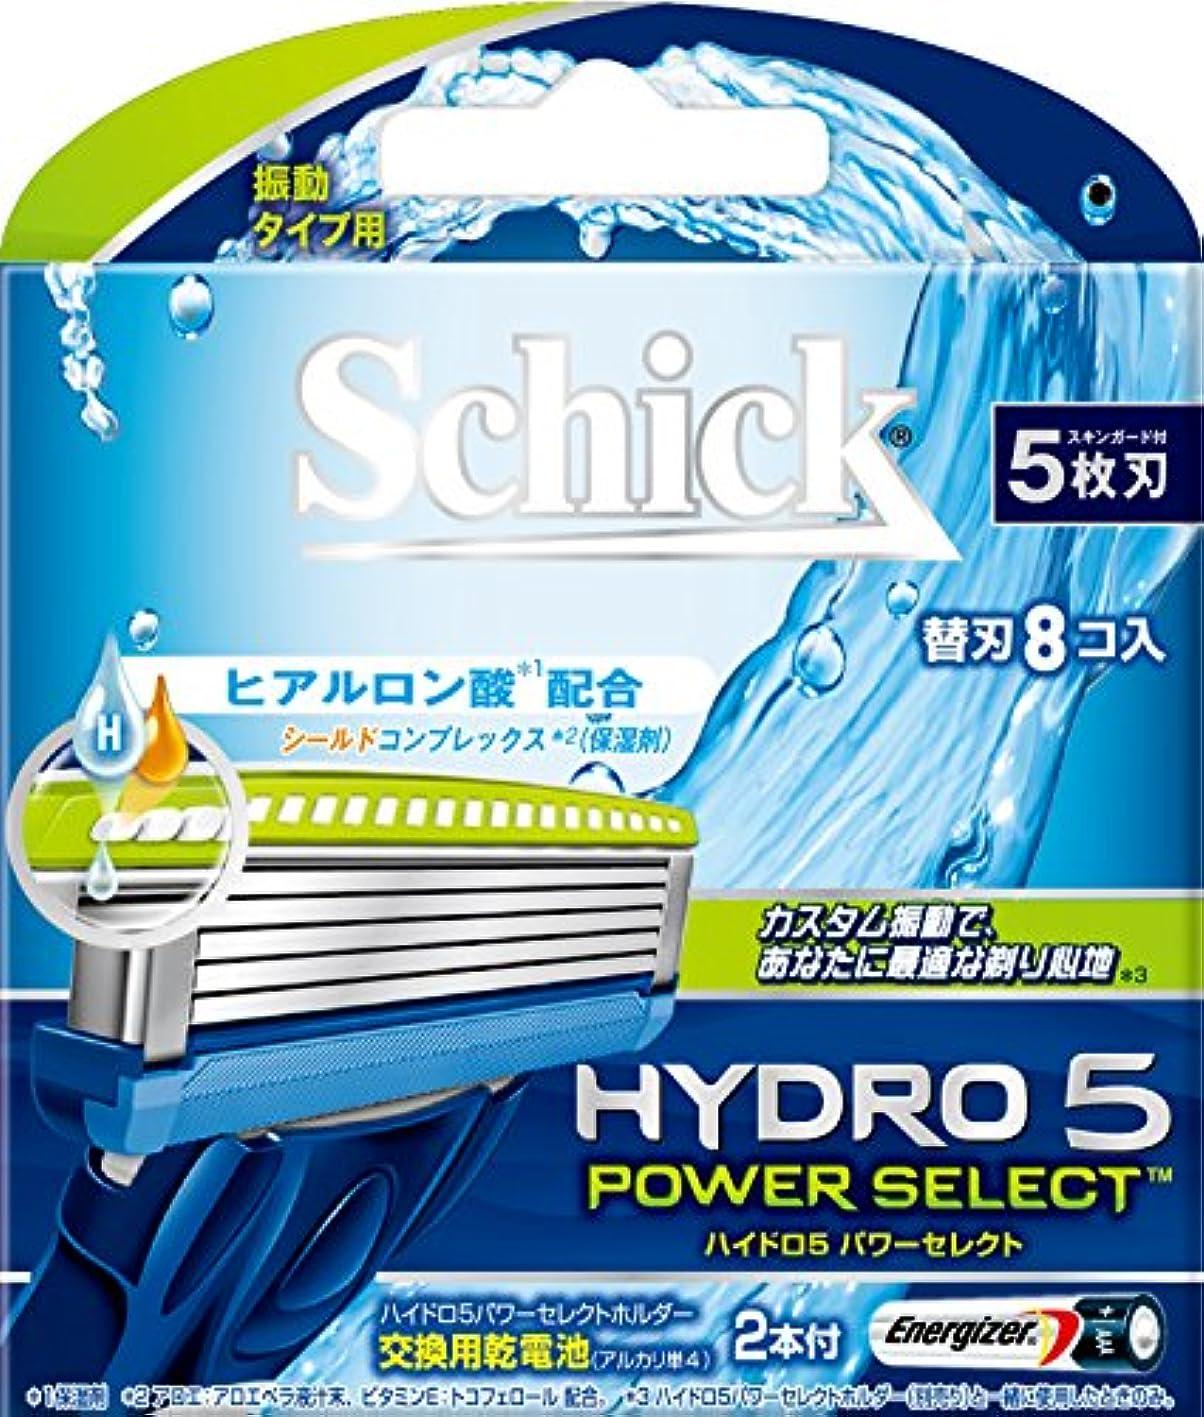 本物の発火するずるいシック Schick 5枚刃 ハイドロ5 パワーセレクト 替刃 (8コ入)